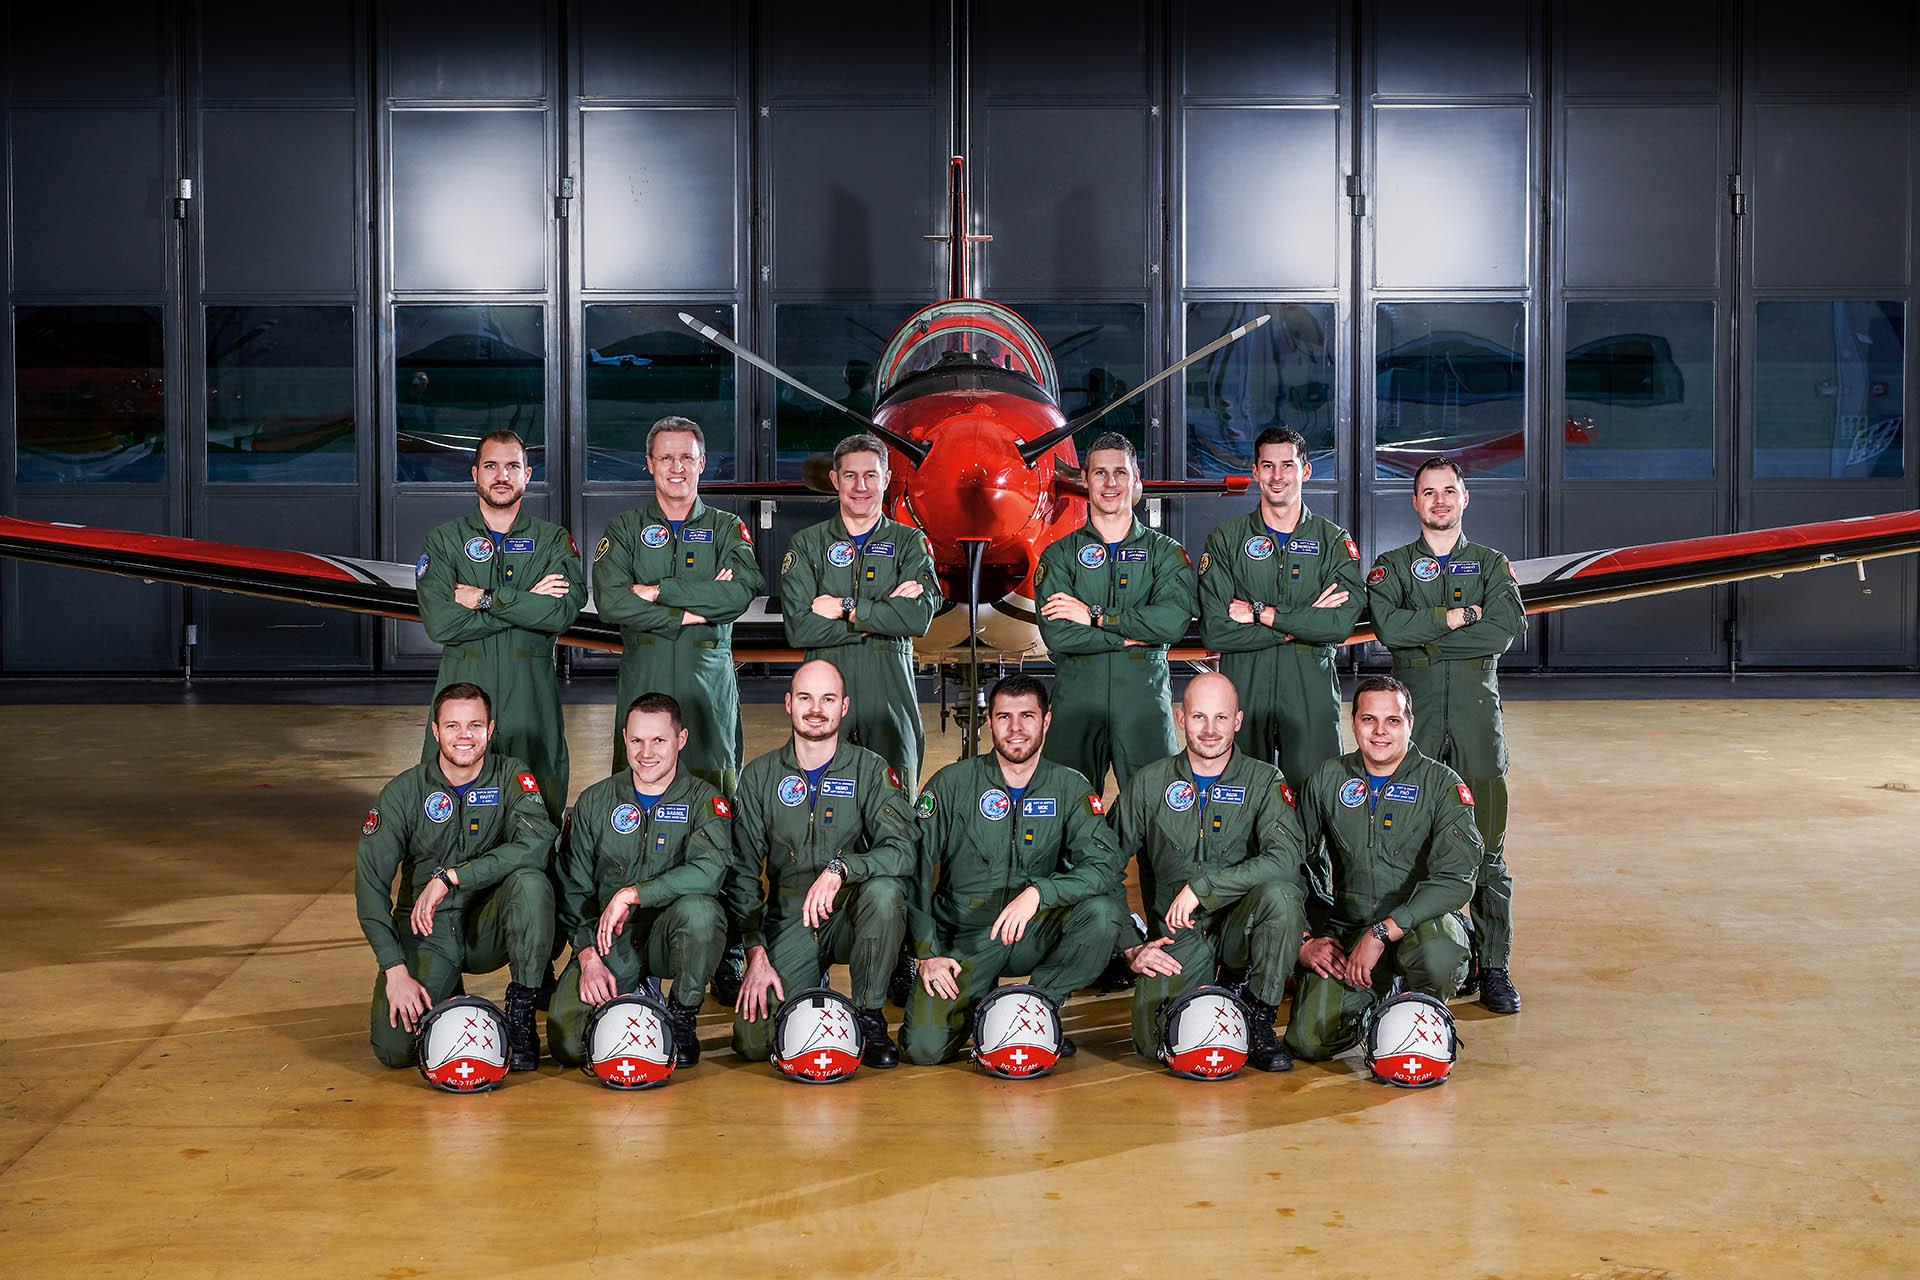 PC-7 TEAM der Schweizer Luftwaffe Fortis Uhren